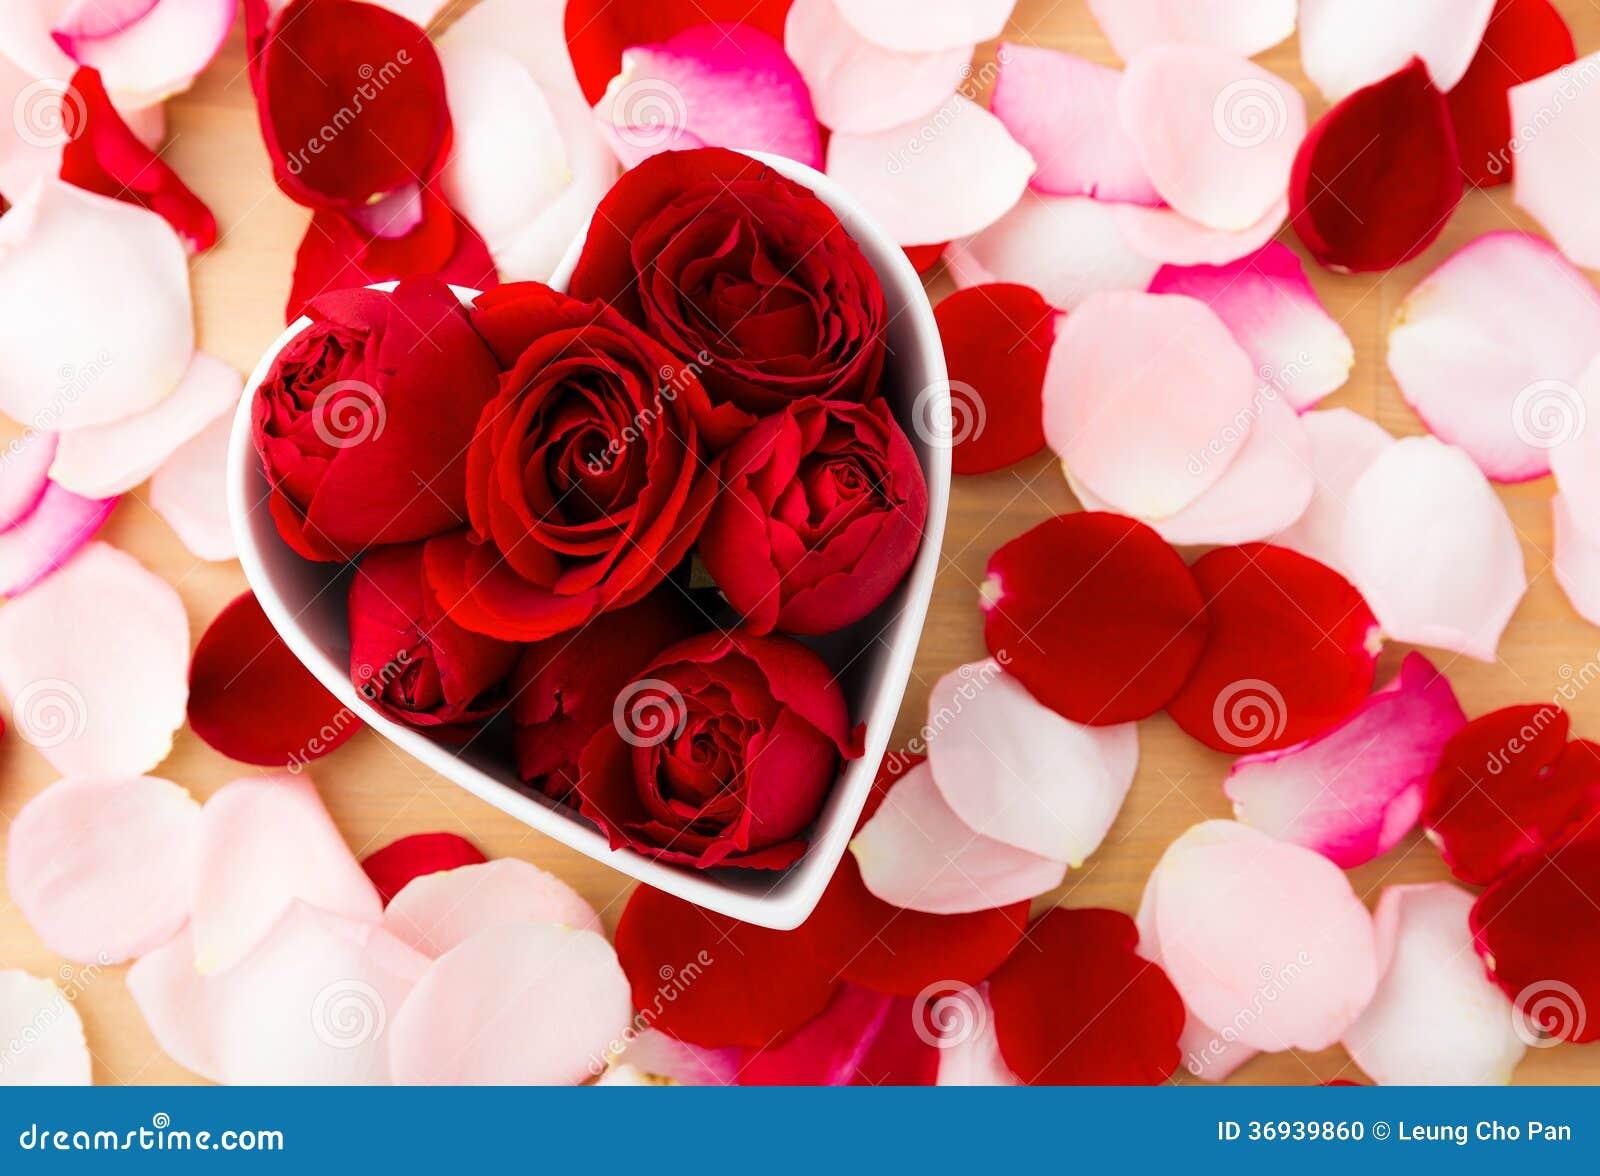 Belle rose de rouge l 39 int rieur de la cuvette de forme de coeur avec le p tale cot photo - Les plus belles images de saint valentin ...